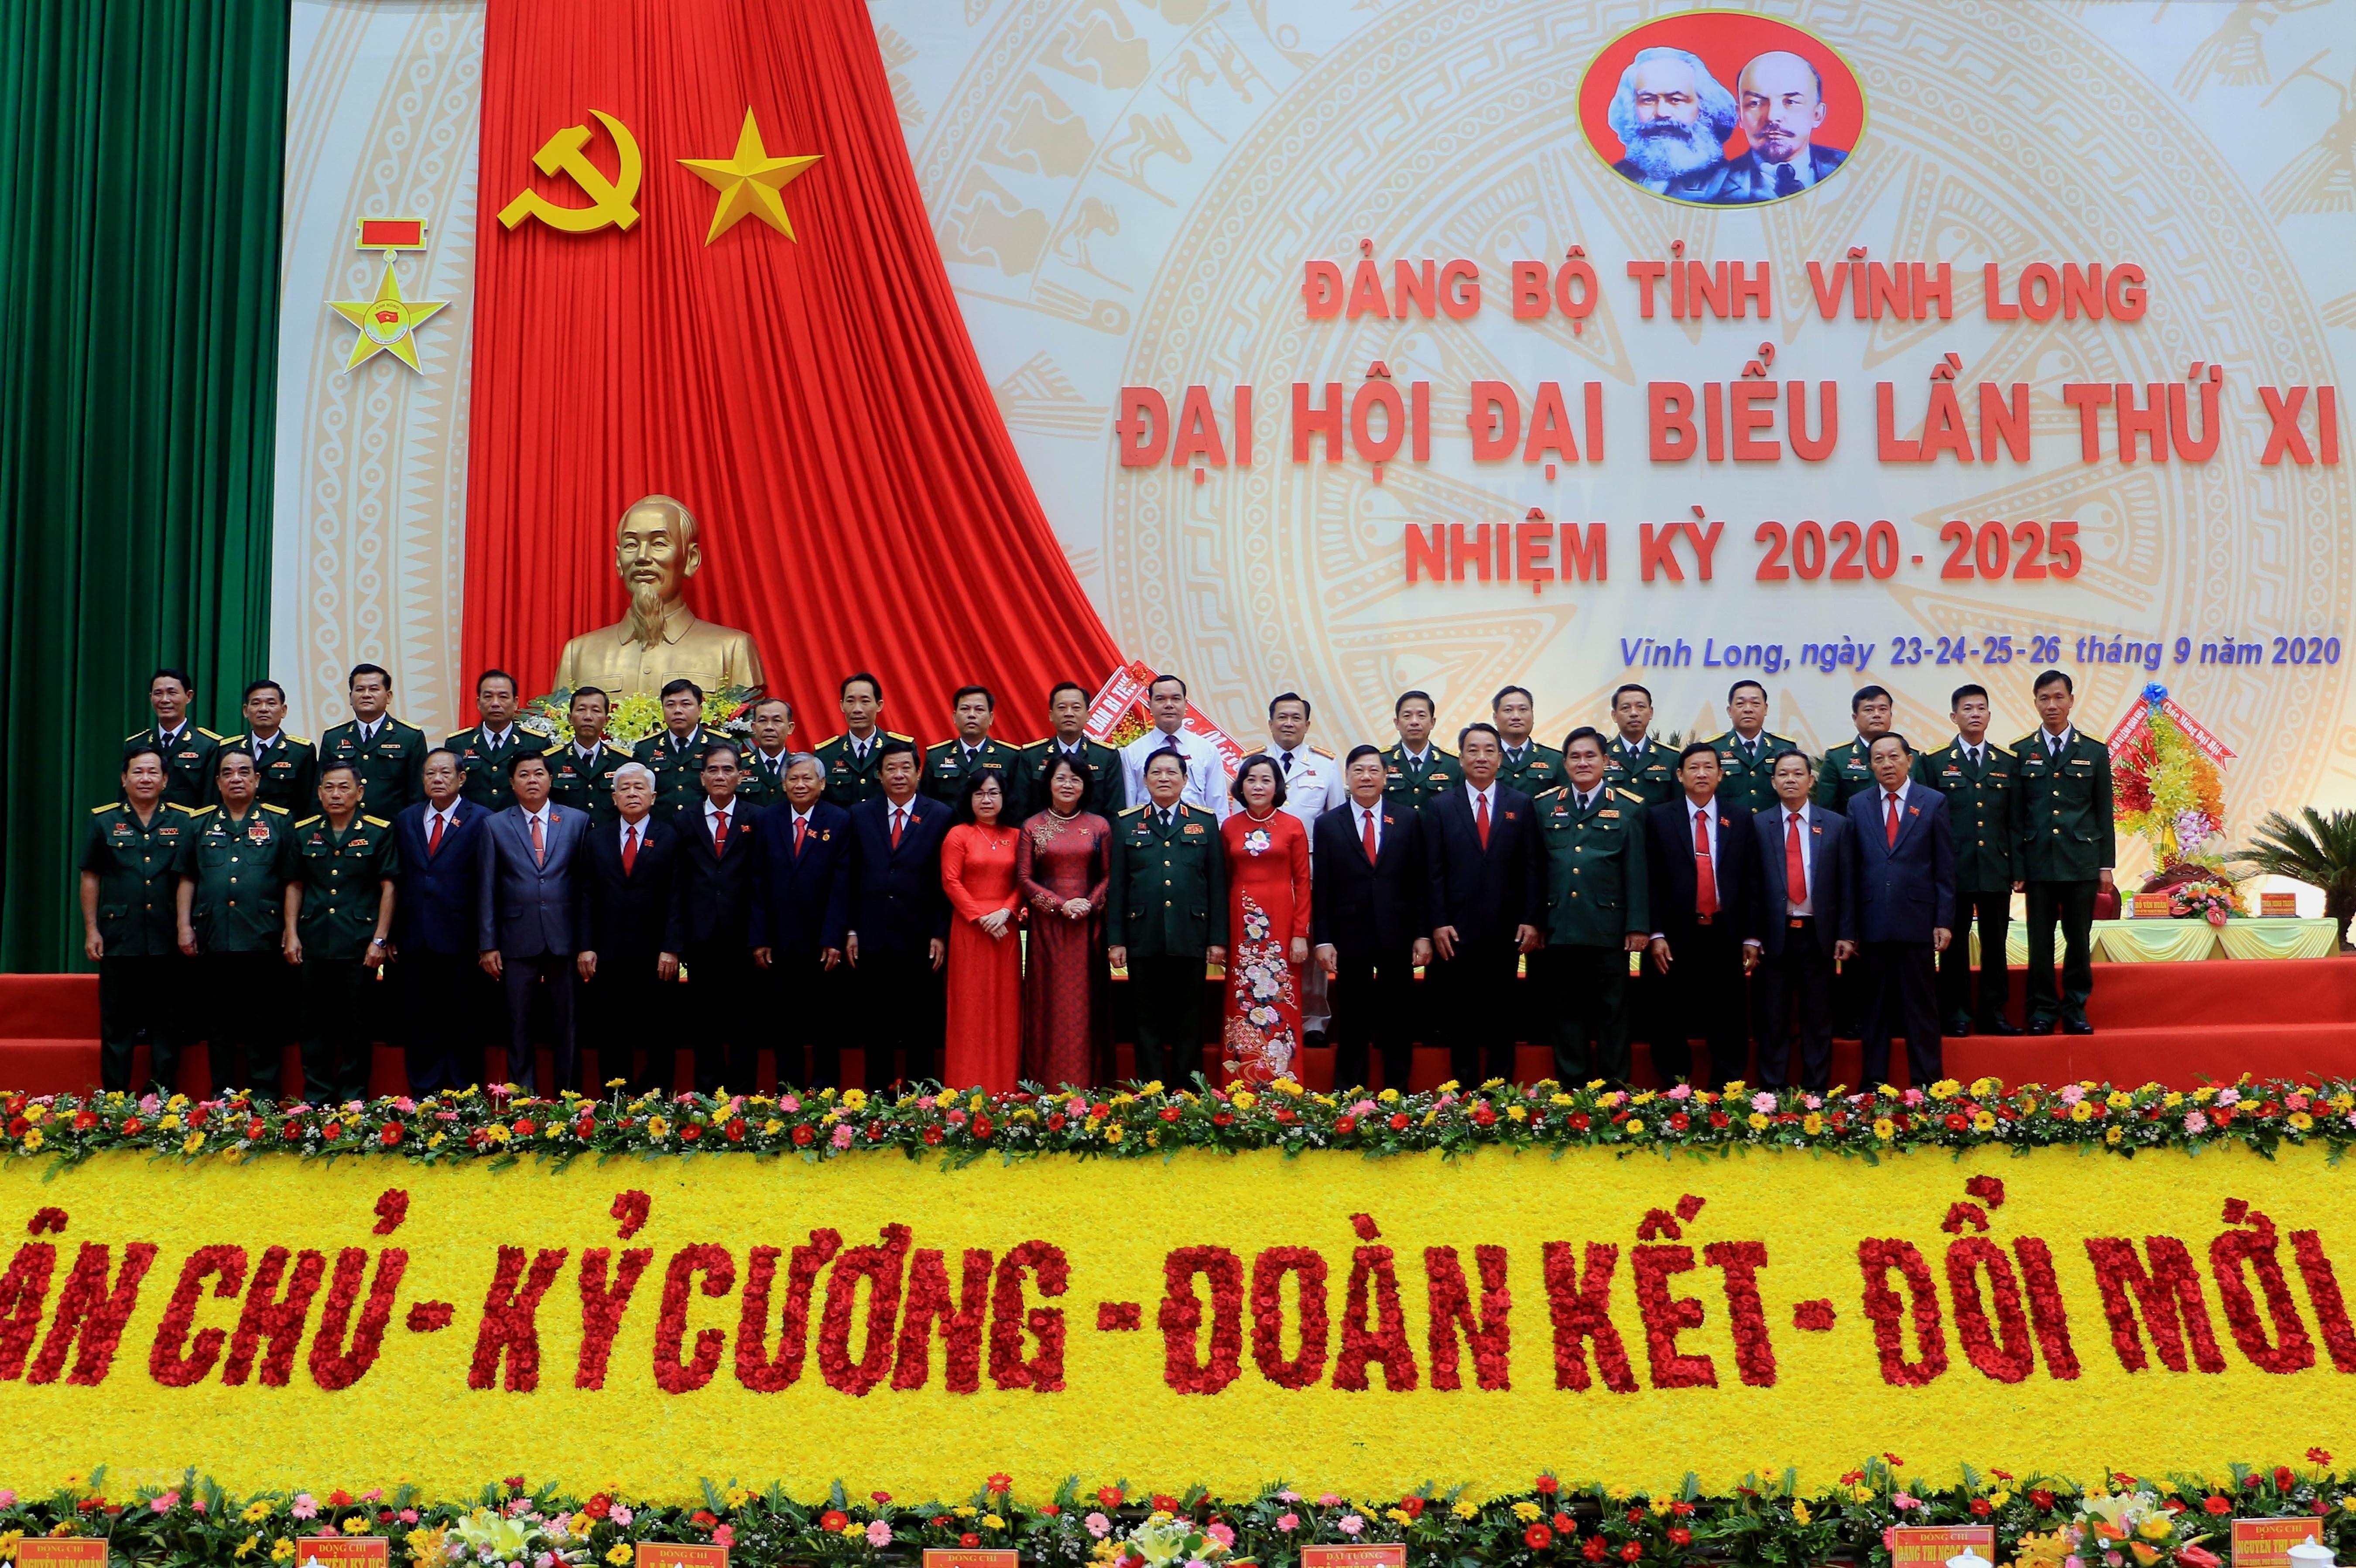 [Photo] Khai mac Dai hoi Dang bo tinh Vinh Long nhiem ky 2020-2025 hinh anh 7